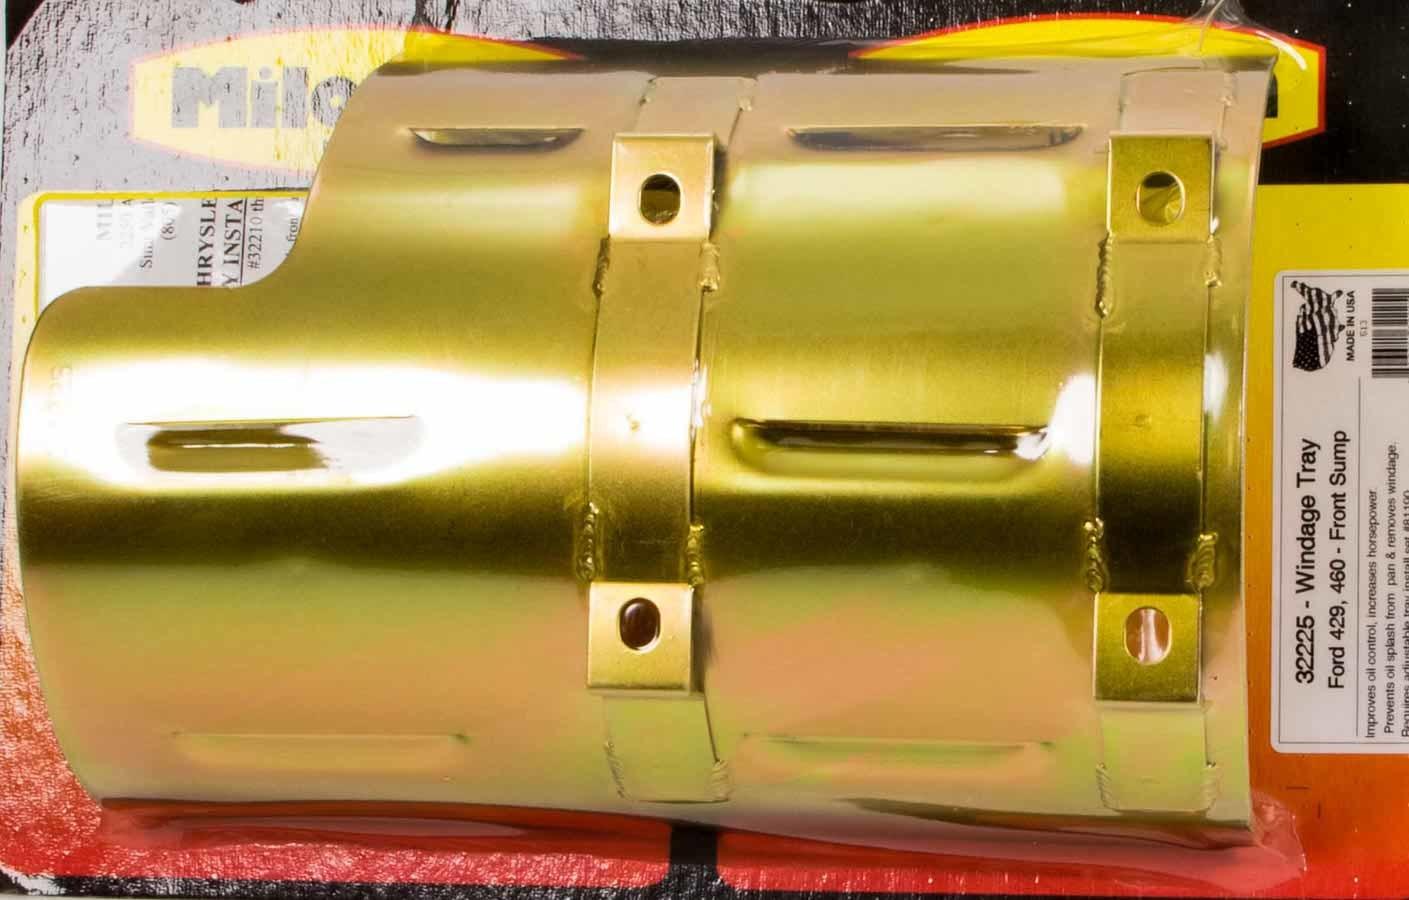 Milodon BBF 429/460 Windage Tray